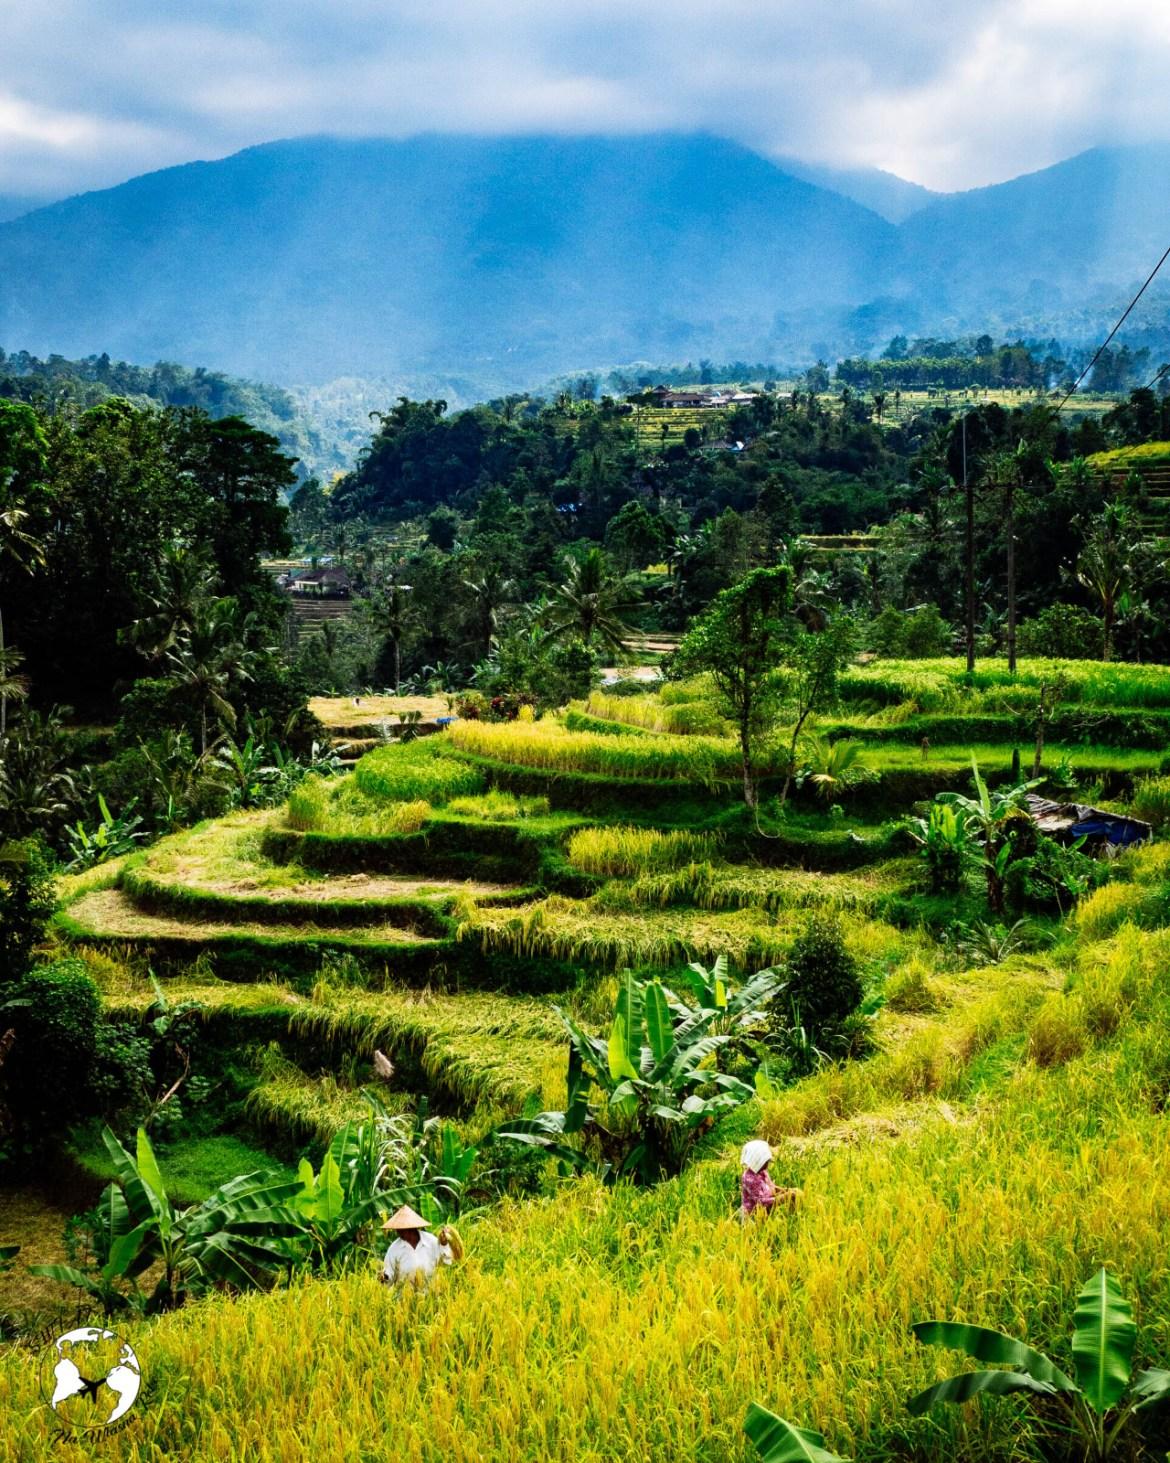 WhatsApp Image 2019 08 16 at 13.39.57 - Bali - gdzie pojechać, żeby się nie rozczarować?